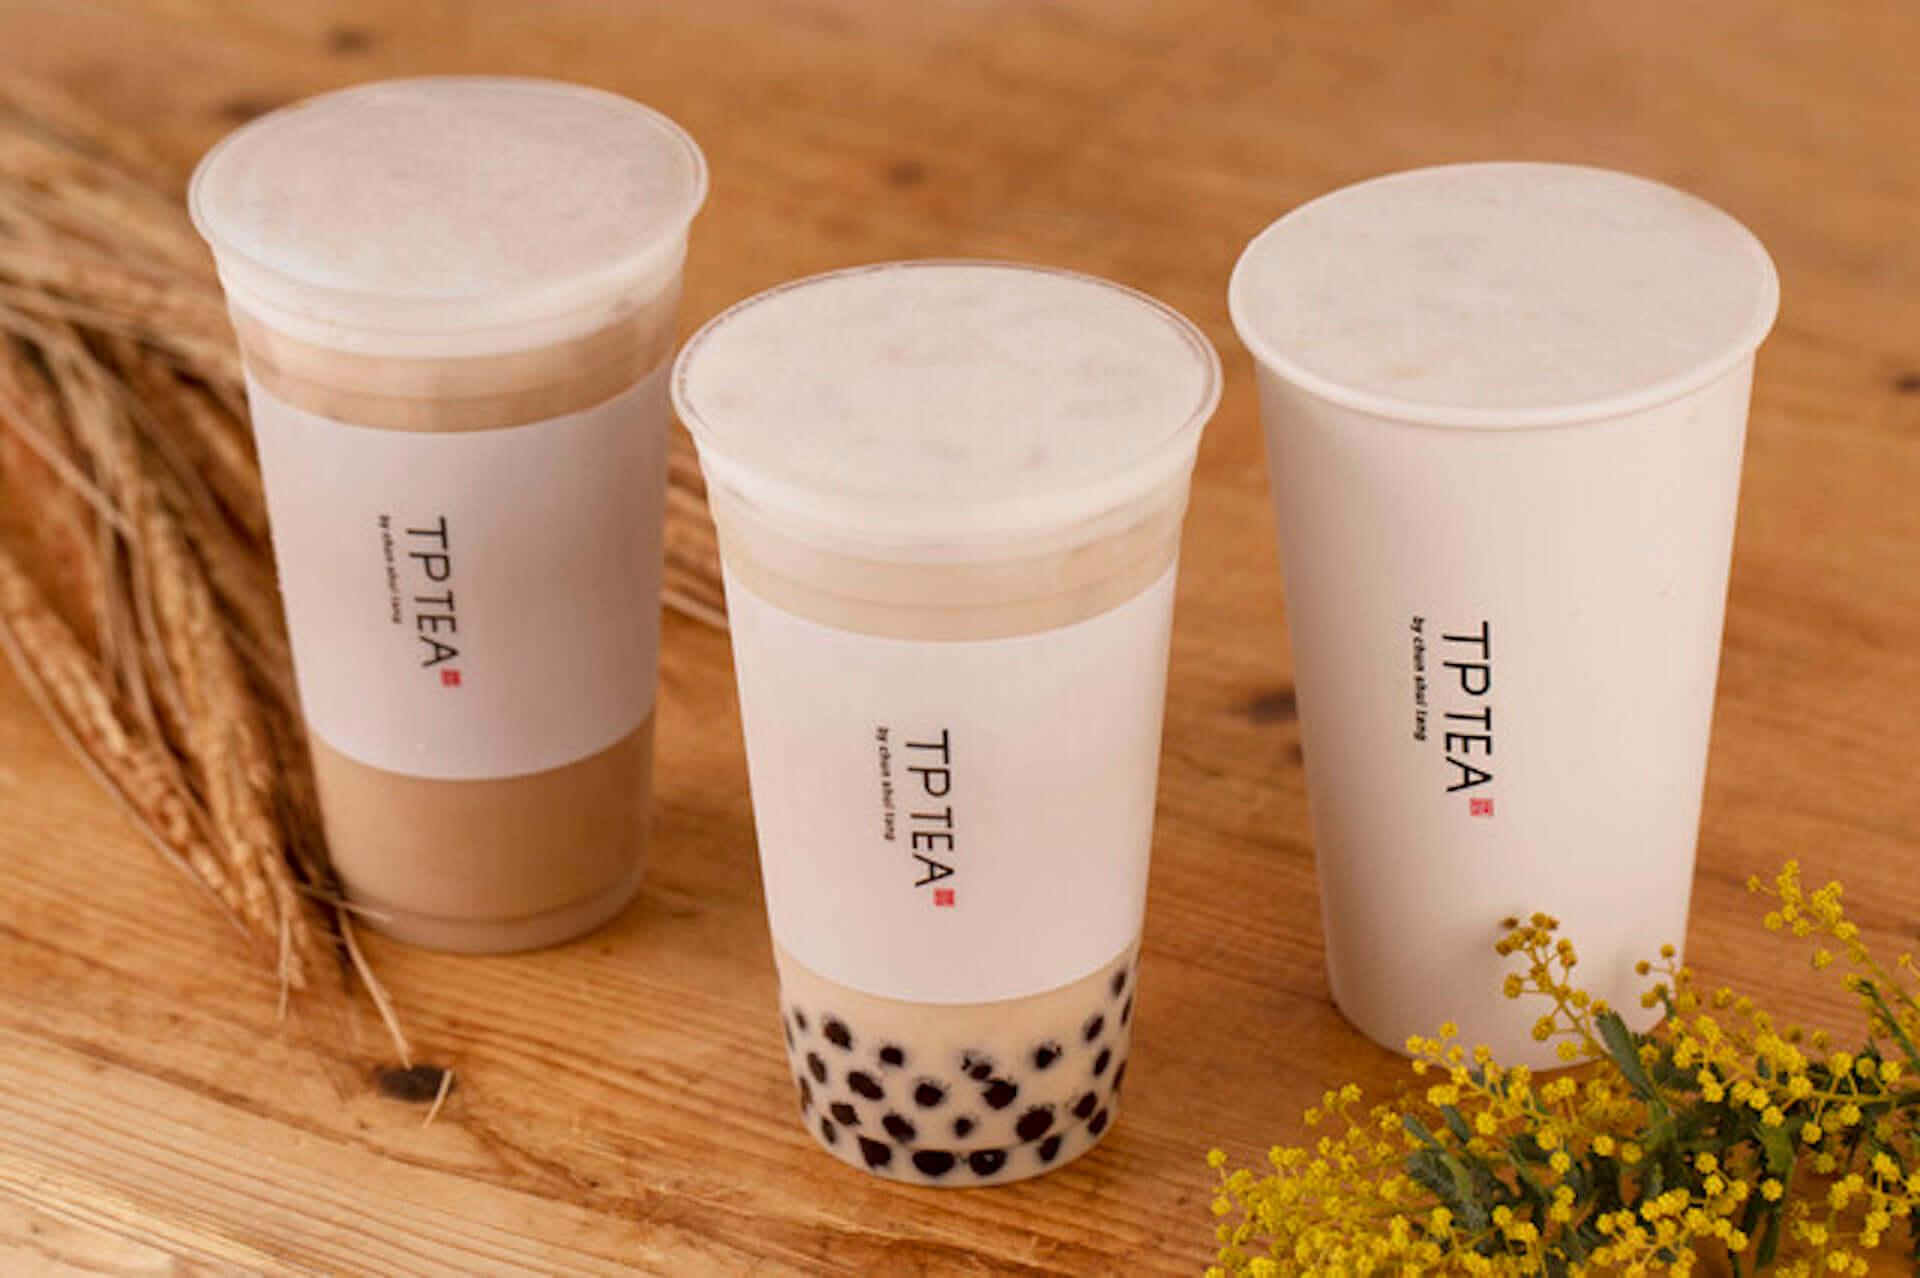 タピオカミルクティー発祥・TP TEAから春薫る『タピオカ桜ラテ』が3月末まで限定販売!『タピオカ麦茶ラテ』など新たなアレンジティーも gourmet200214_tptea_3-1-1920x1278